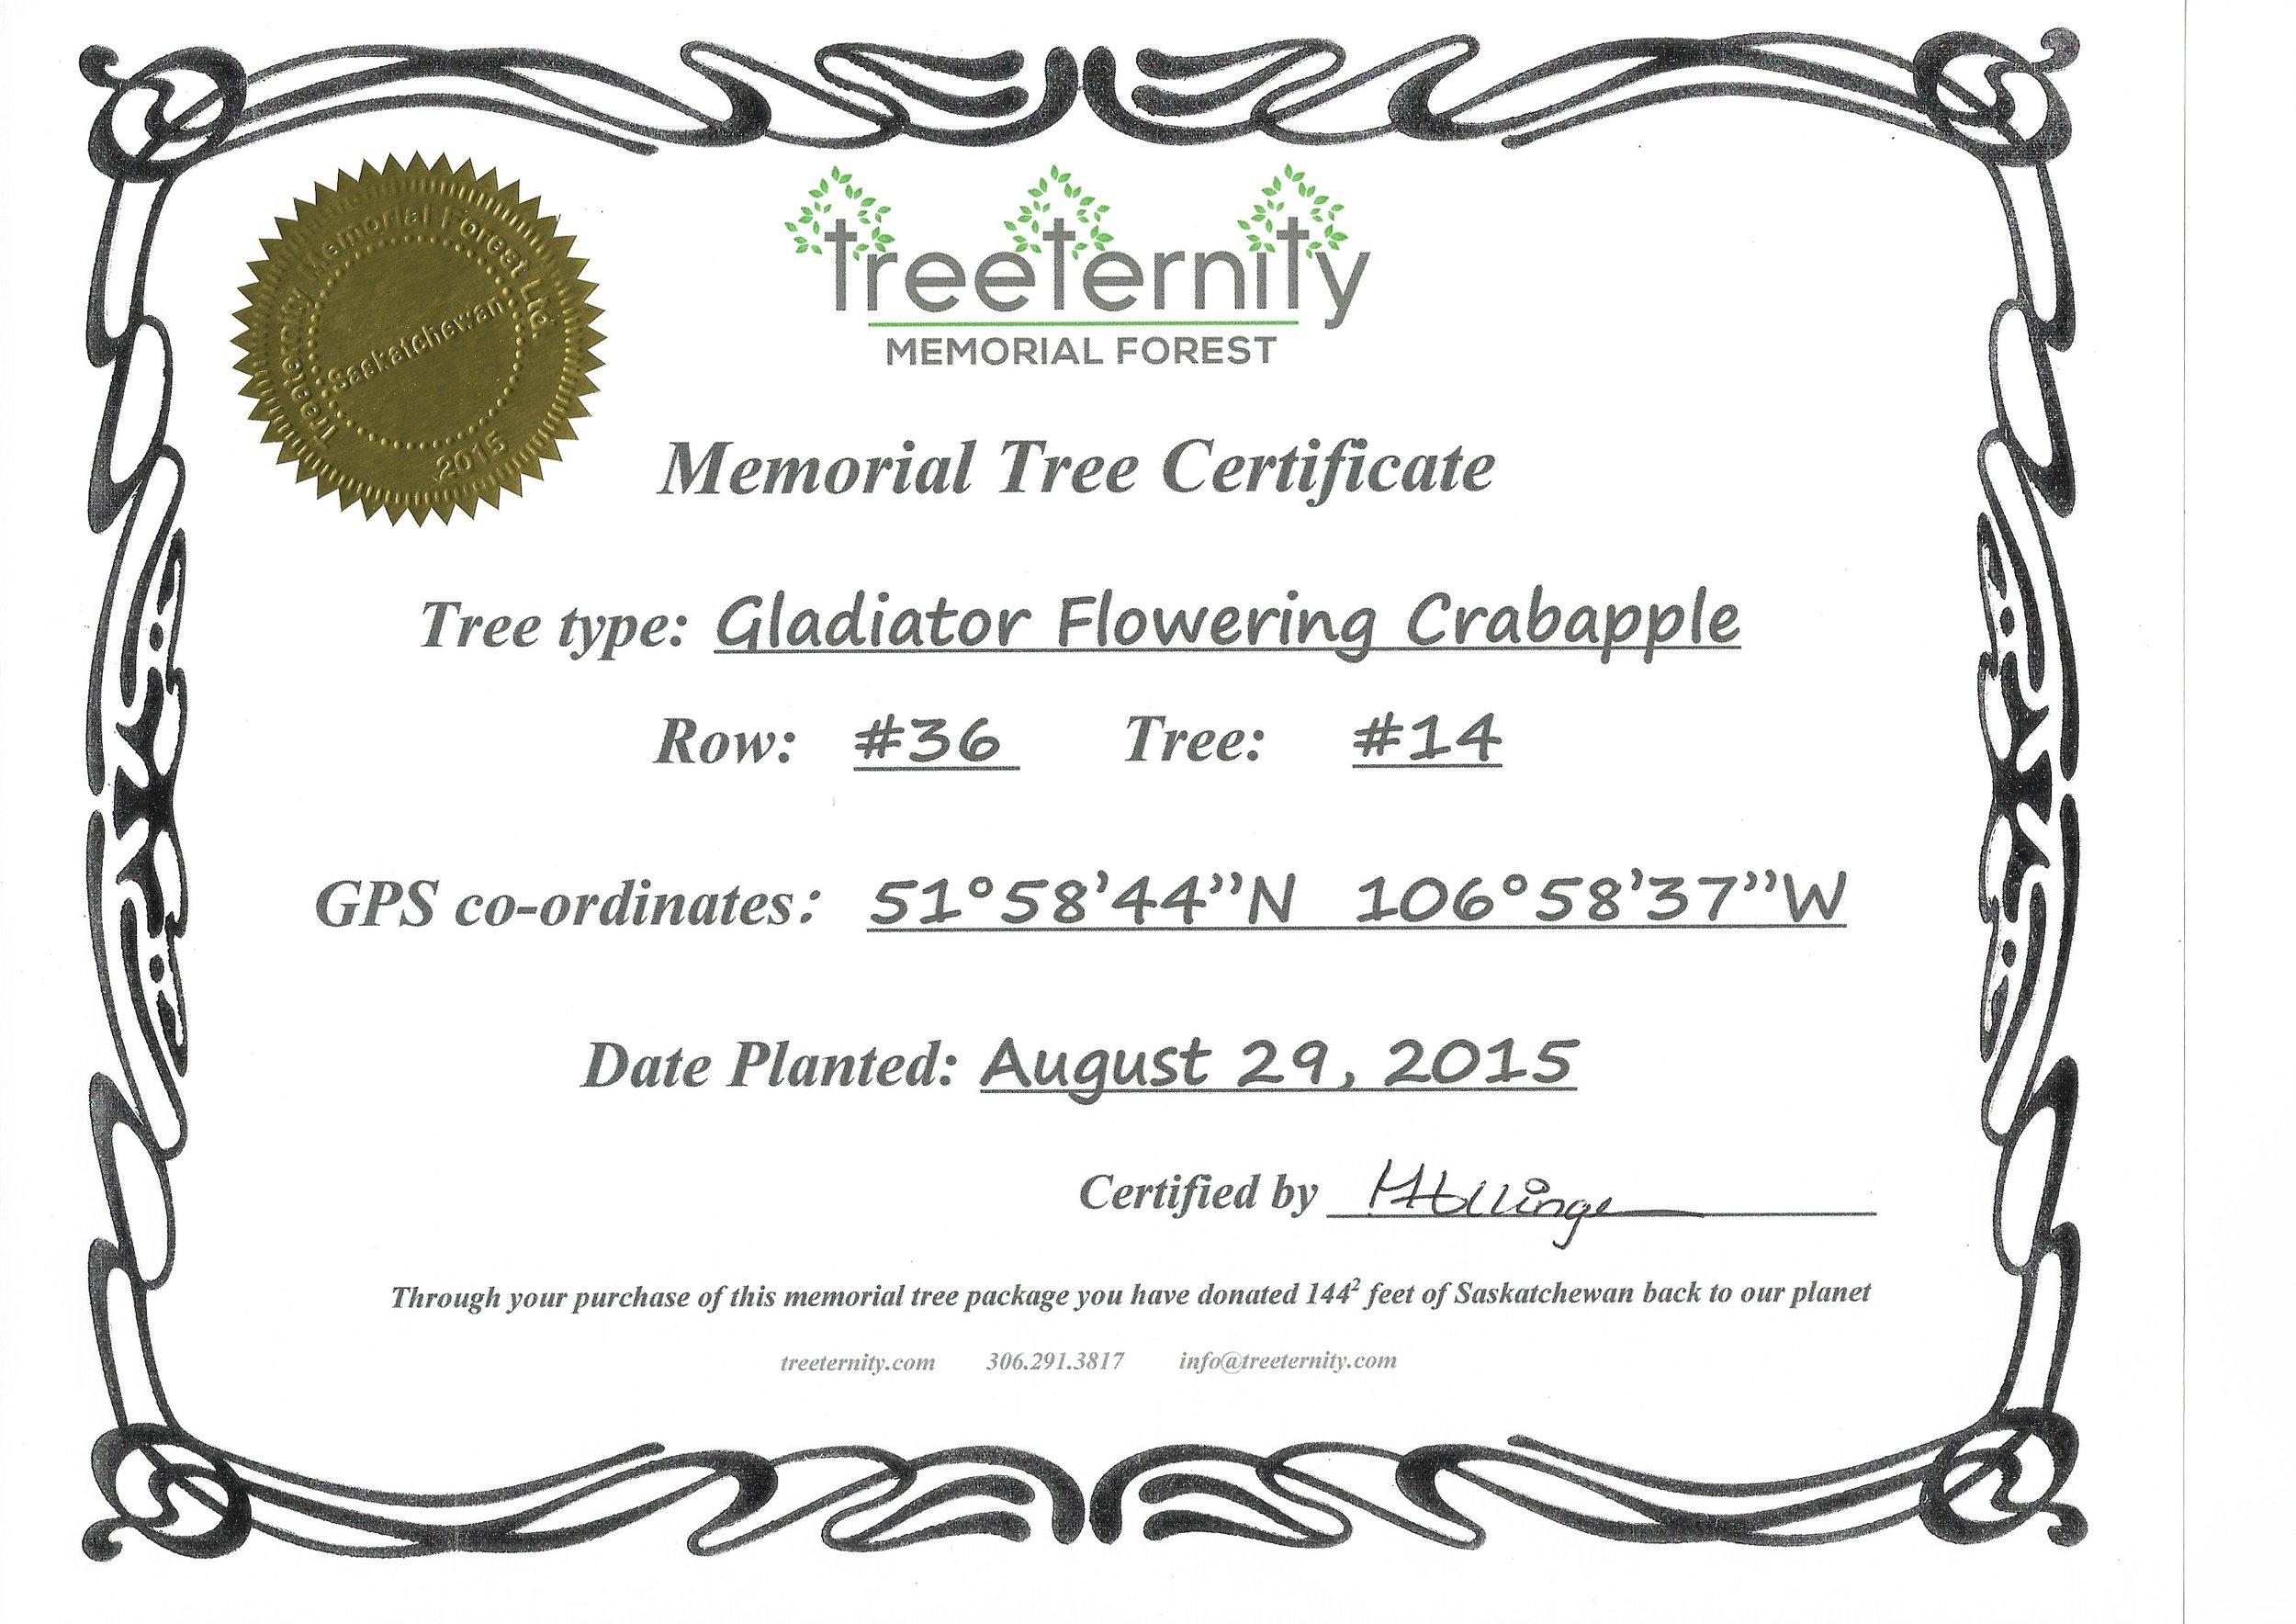 Treeternity Keepsake Certificate